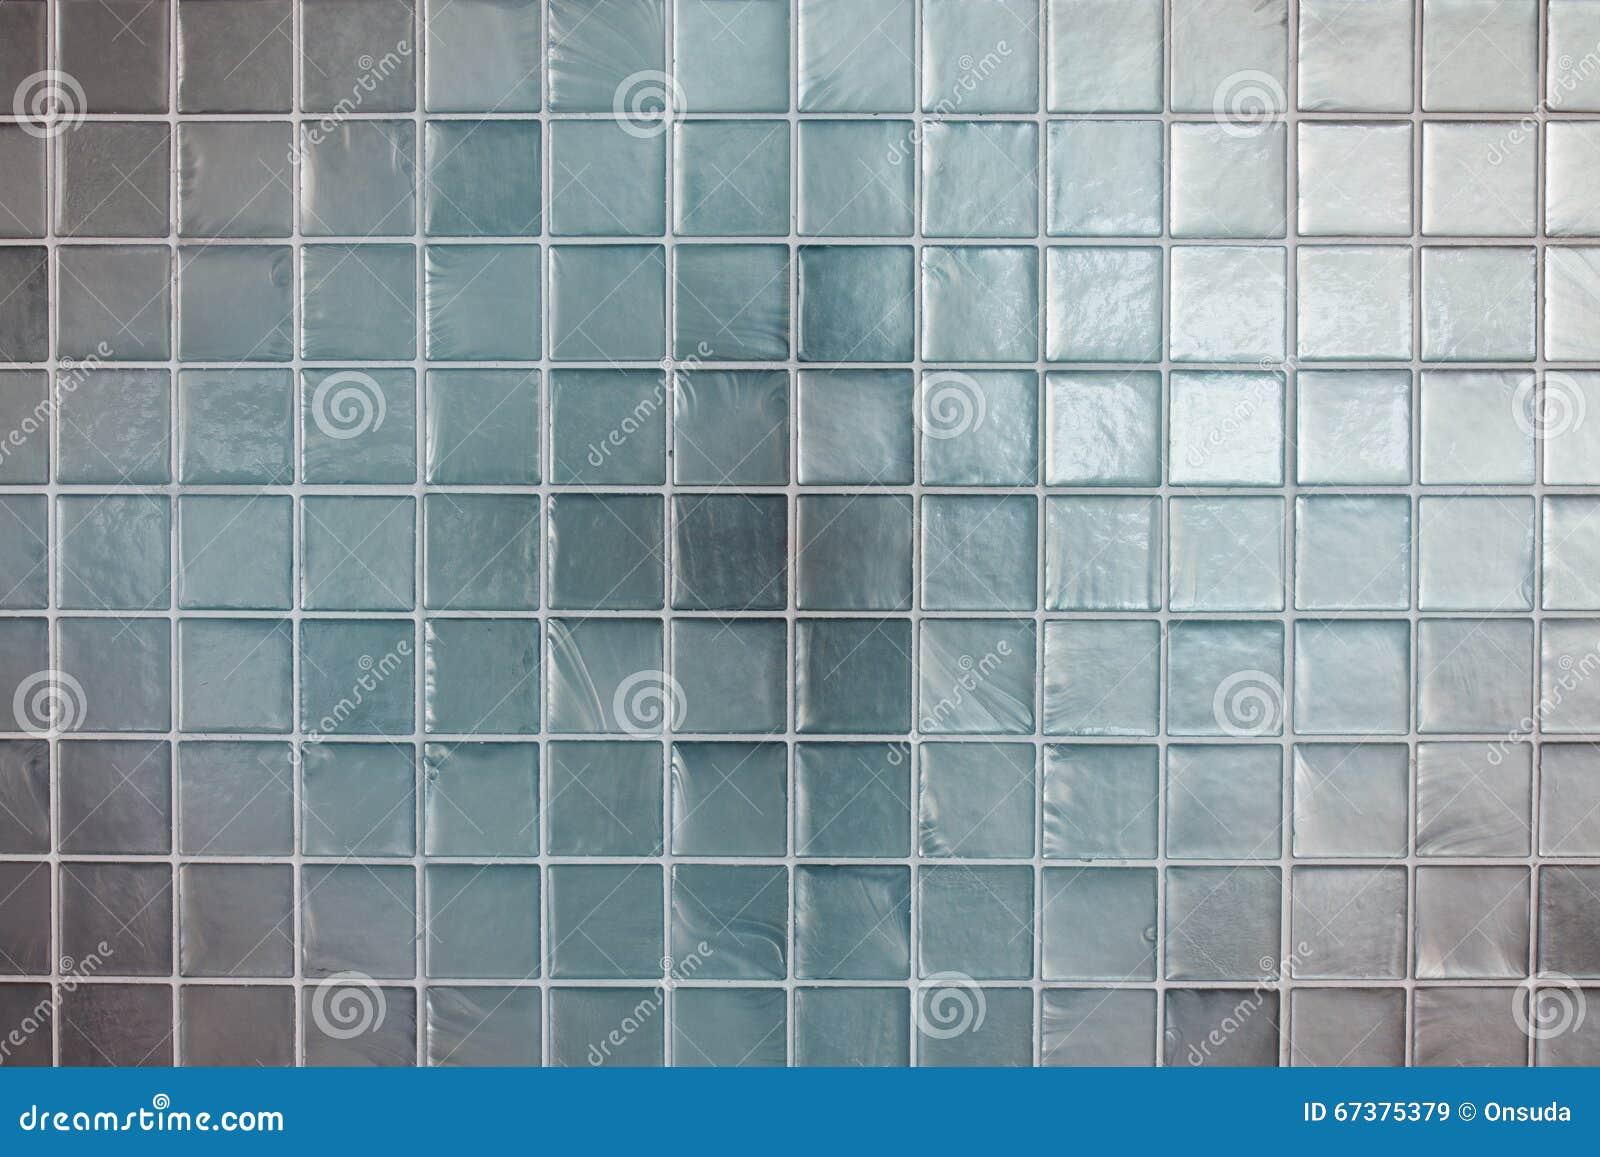 Light blue tiles bathroom - Light Blue Tiles Wall Texture